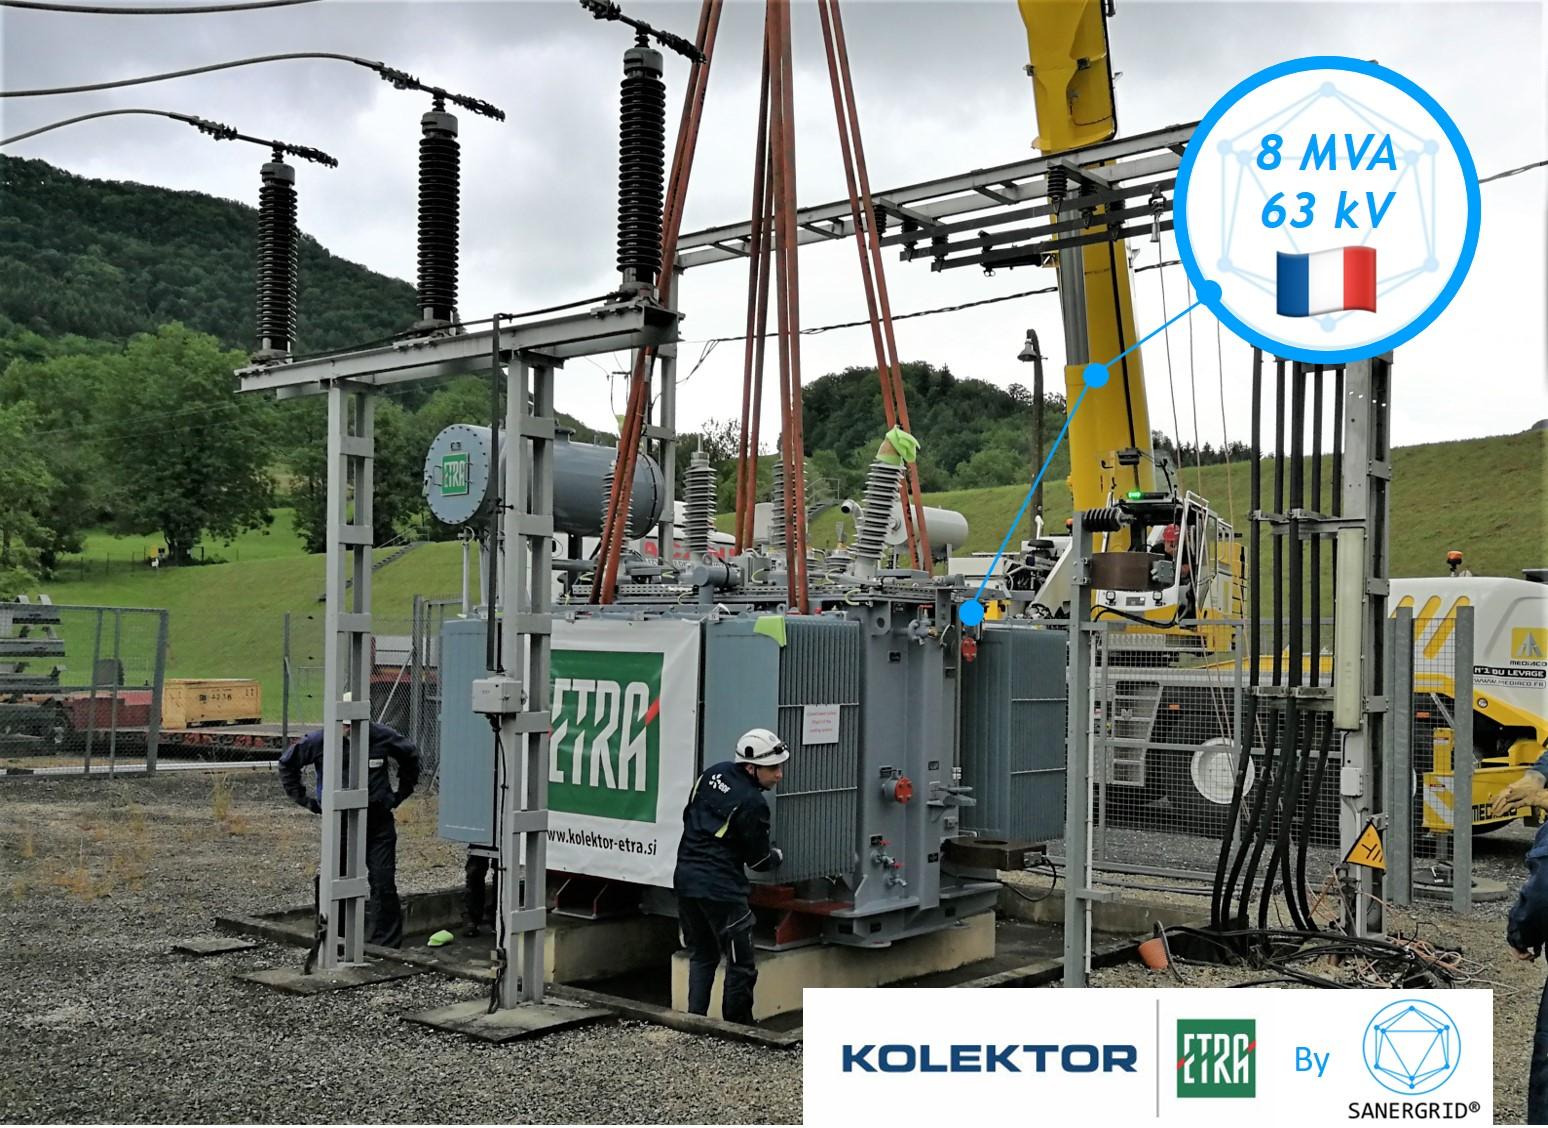 Transformateur/Transformateur de puissance à huile 8 MVA 63 KV France Kolektor ETRA par SANERGRID